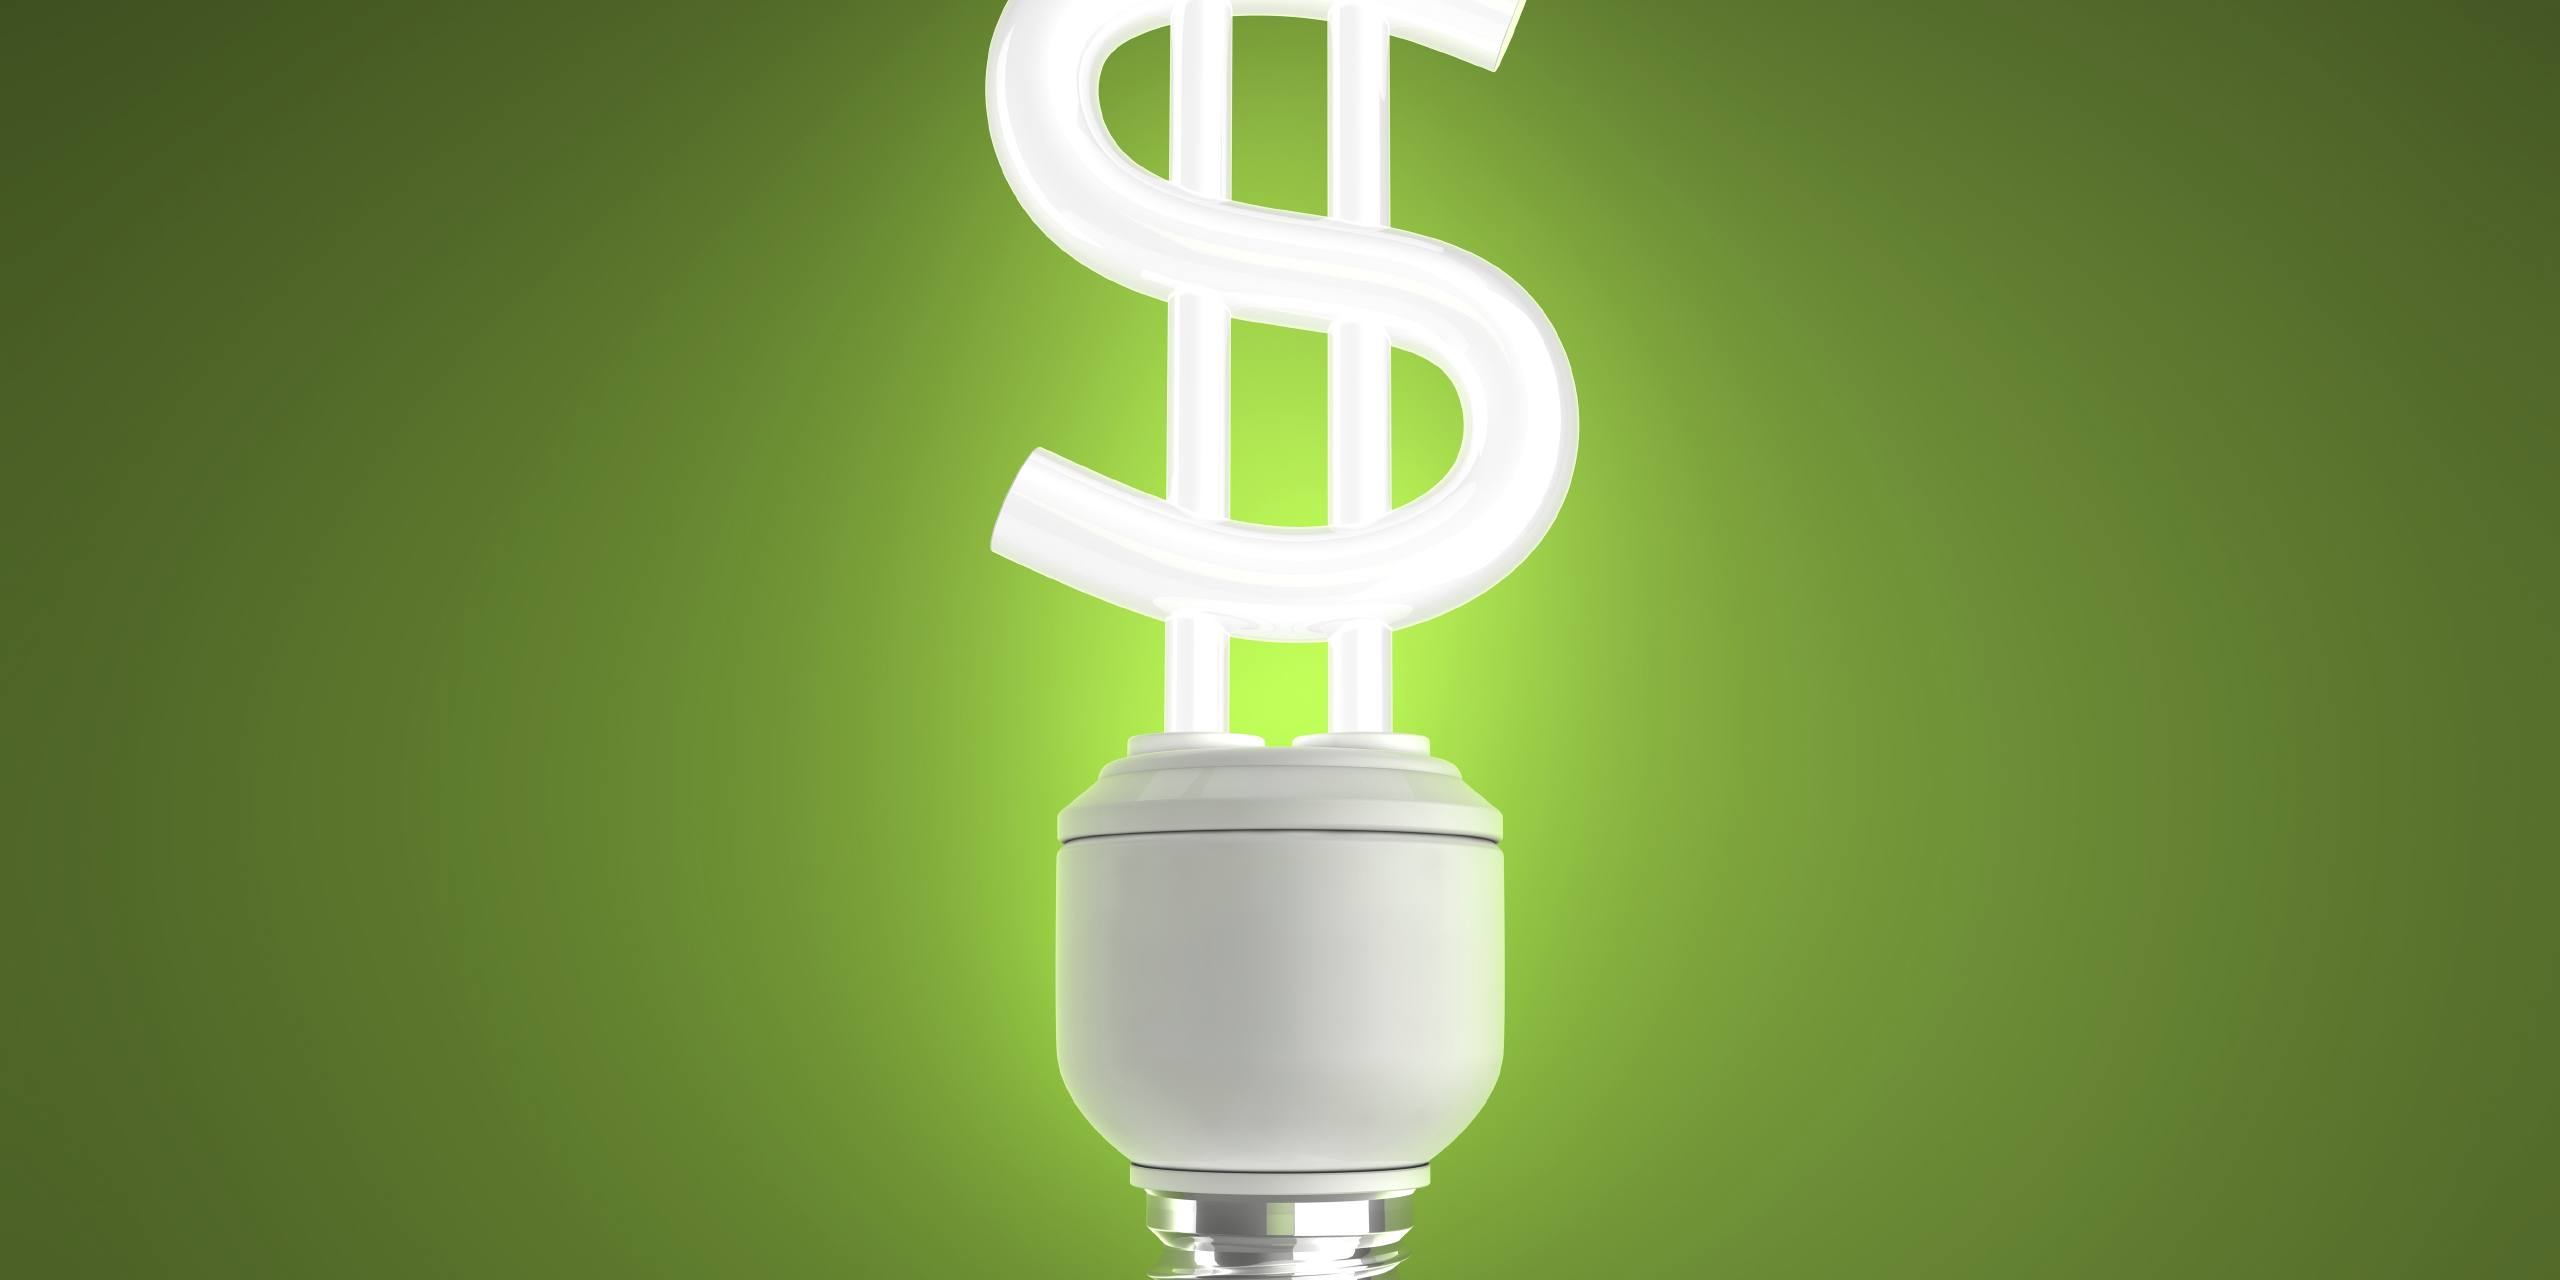 Nova modalidade de tarifa de energia entra em vigor em janeiro